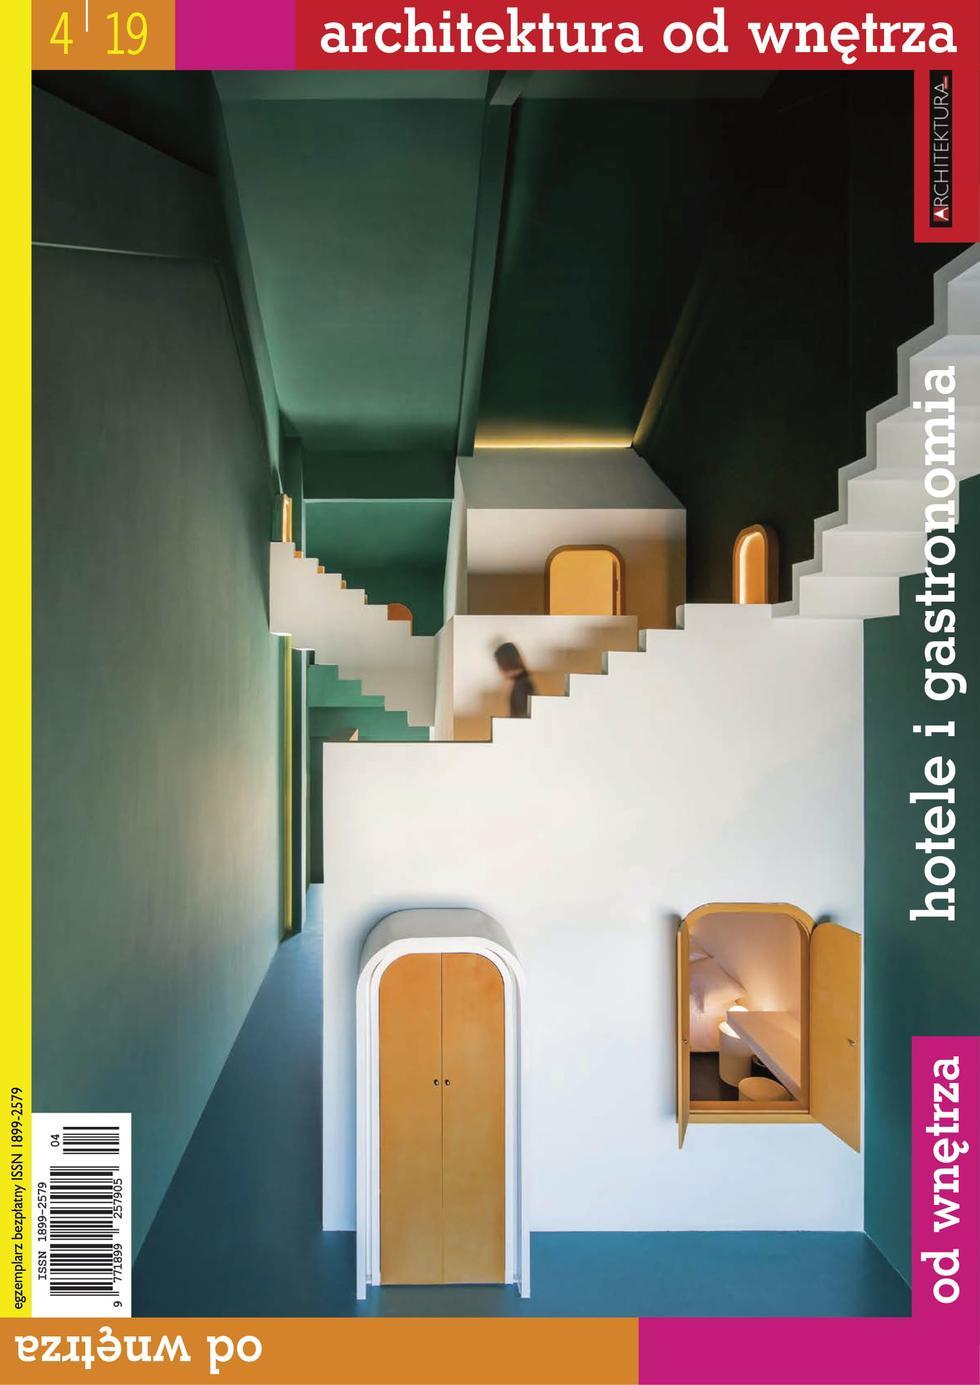 """""""Architektura od wnętrza"""" nr 4/2019. Pobierz bezpłatne e-wydanie!"""